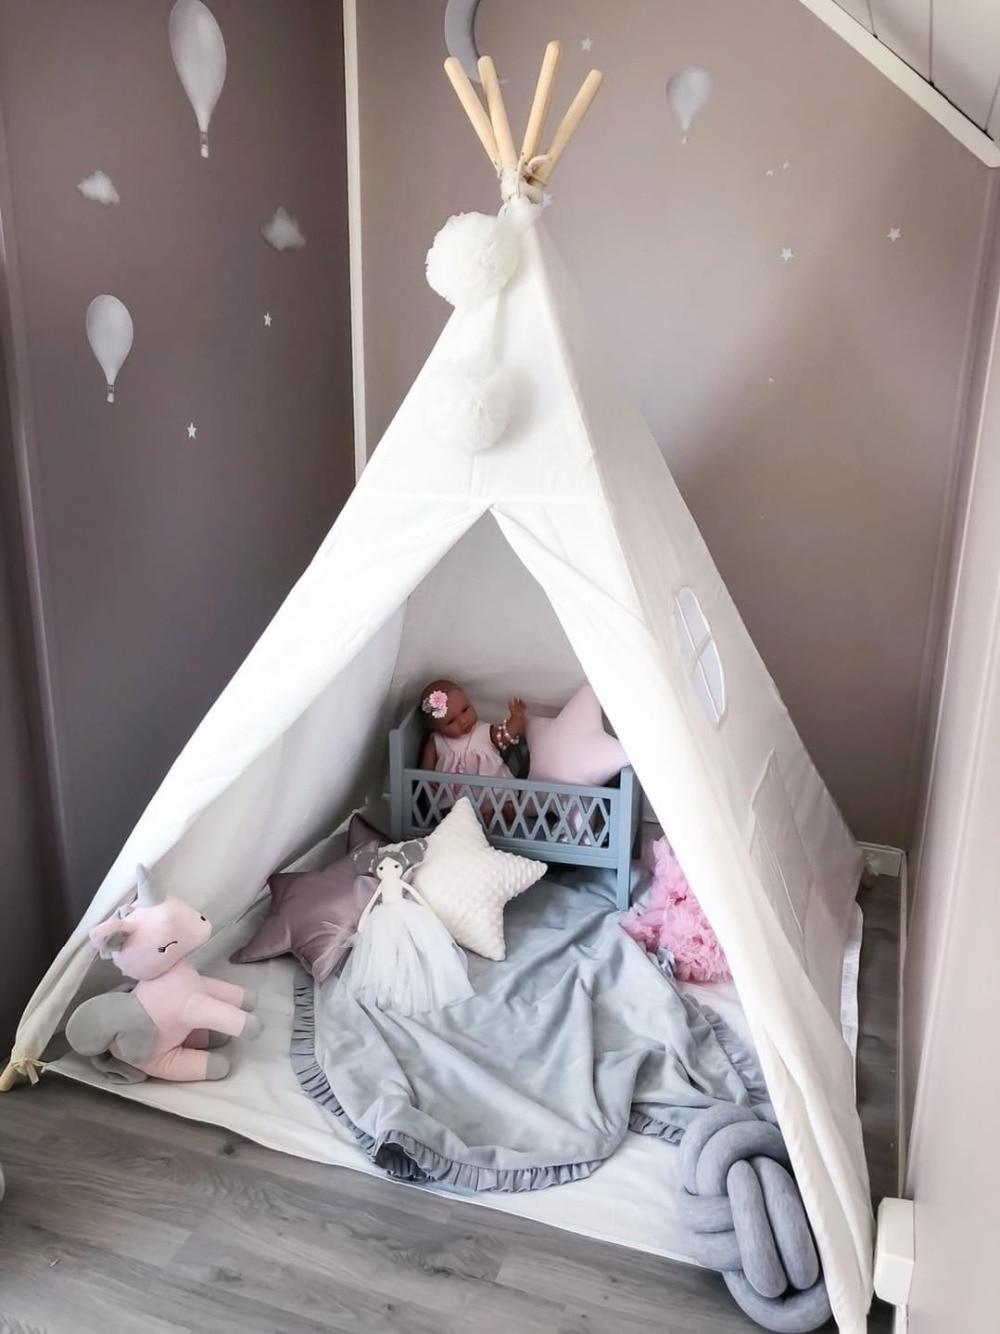 Kinder Tipi Spielen Zelt 100% Baumwolle Leinwand Kinder Tipi Spielhaus Indoor Zimmer Outdoor Spielzeug Jungen Mädchen Baby Geschenk Raw Weiß mit Matte-in Spielzelte aus Spielzeug und Hobbys bei  Gruppe 3